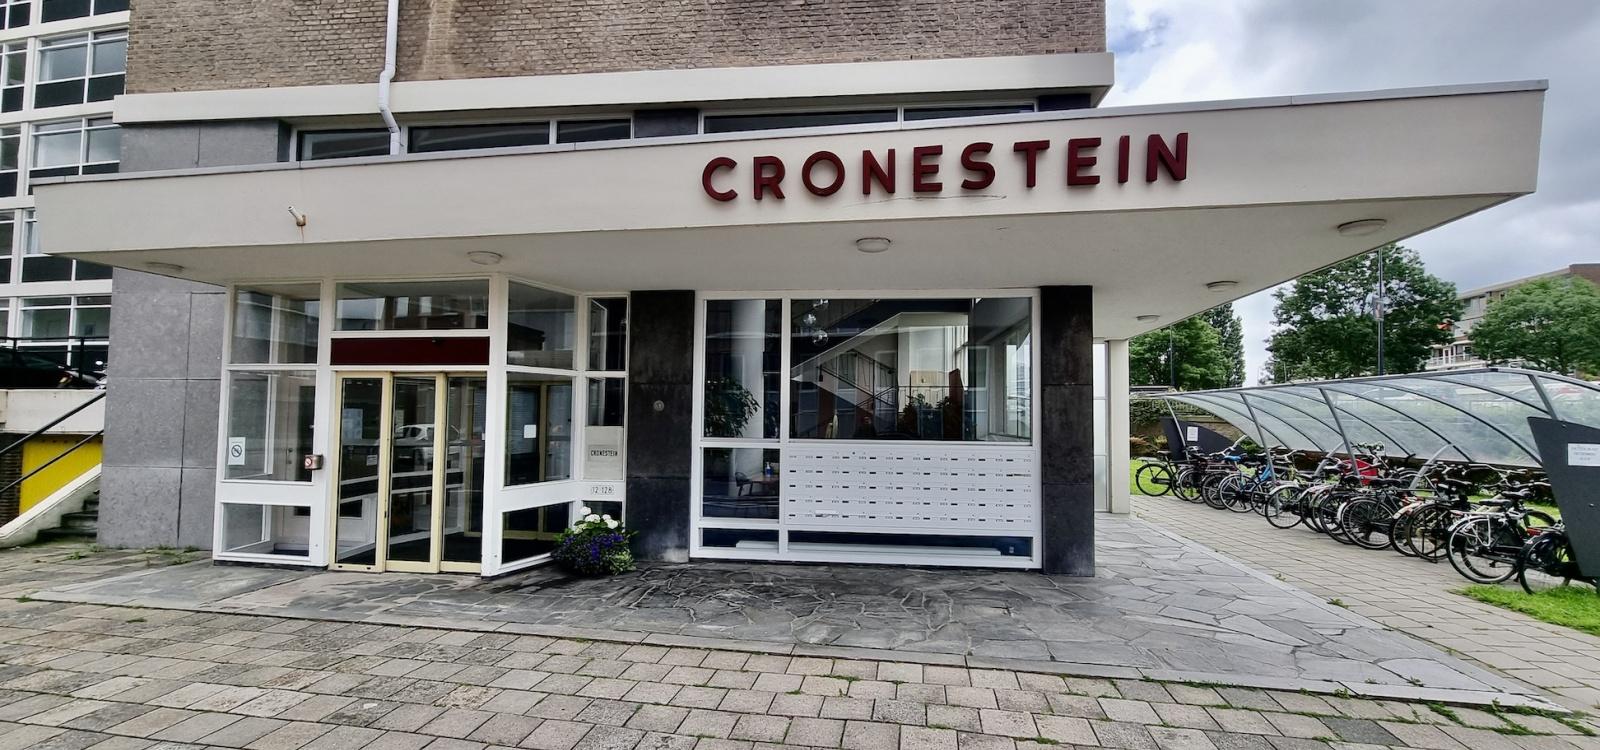 Plantijnstraat,Netherlands 2321JJ,2 Bedrooms Bedrooms,1 BathroomBathrooms,Apartment,Cronenstein,Plantijnstraat,11,1458